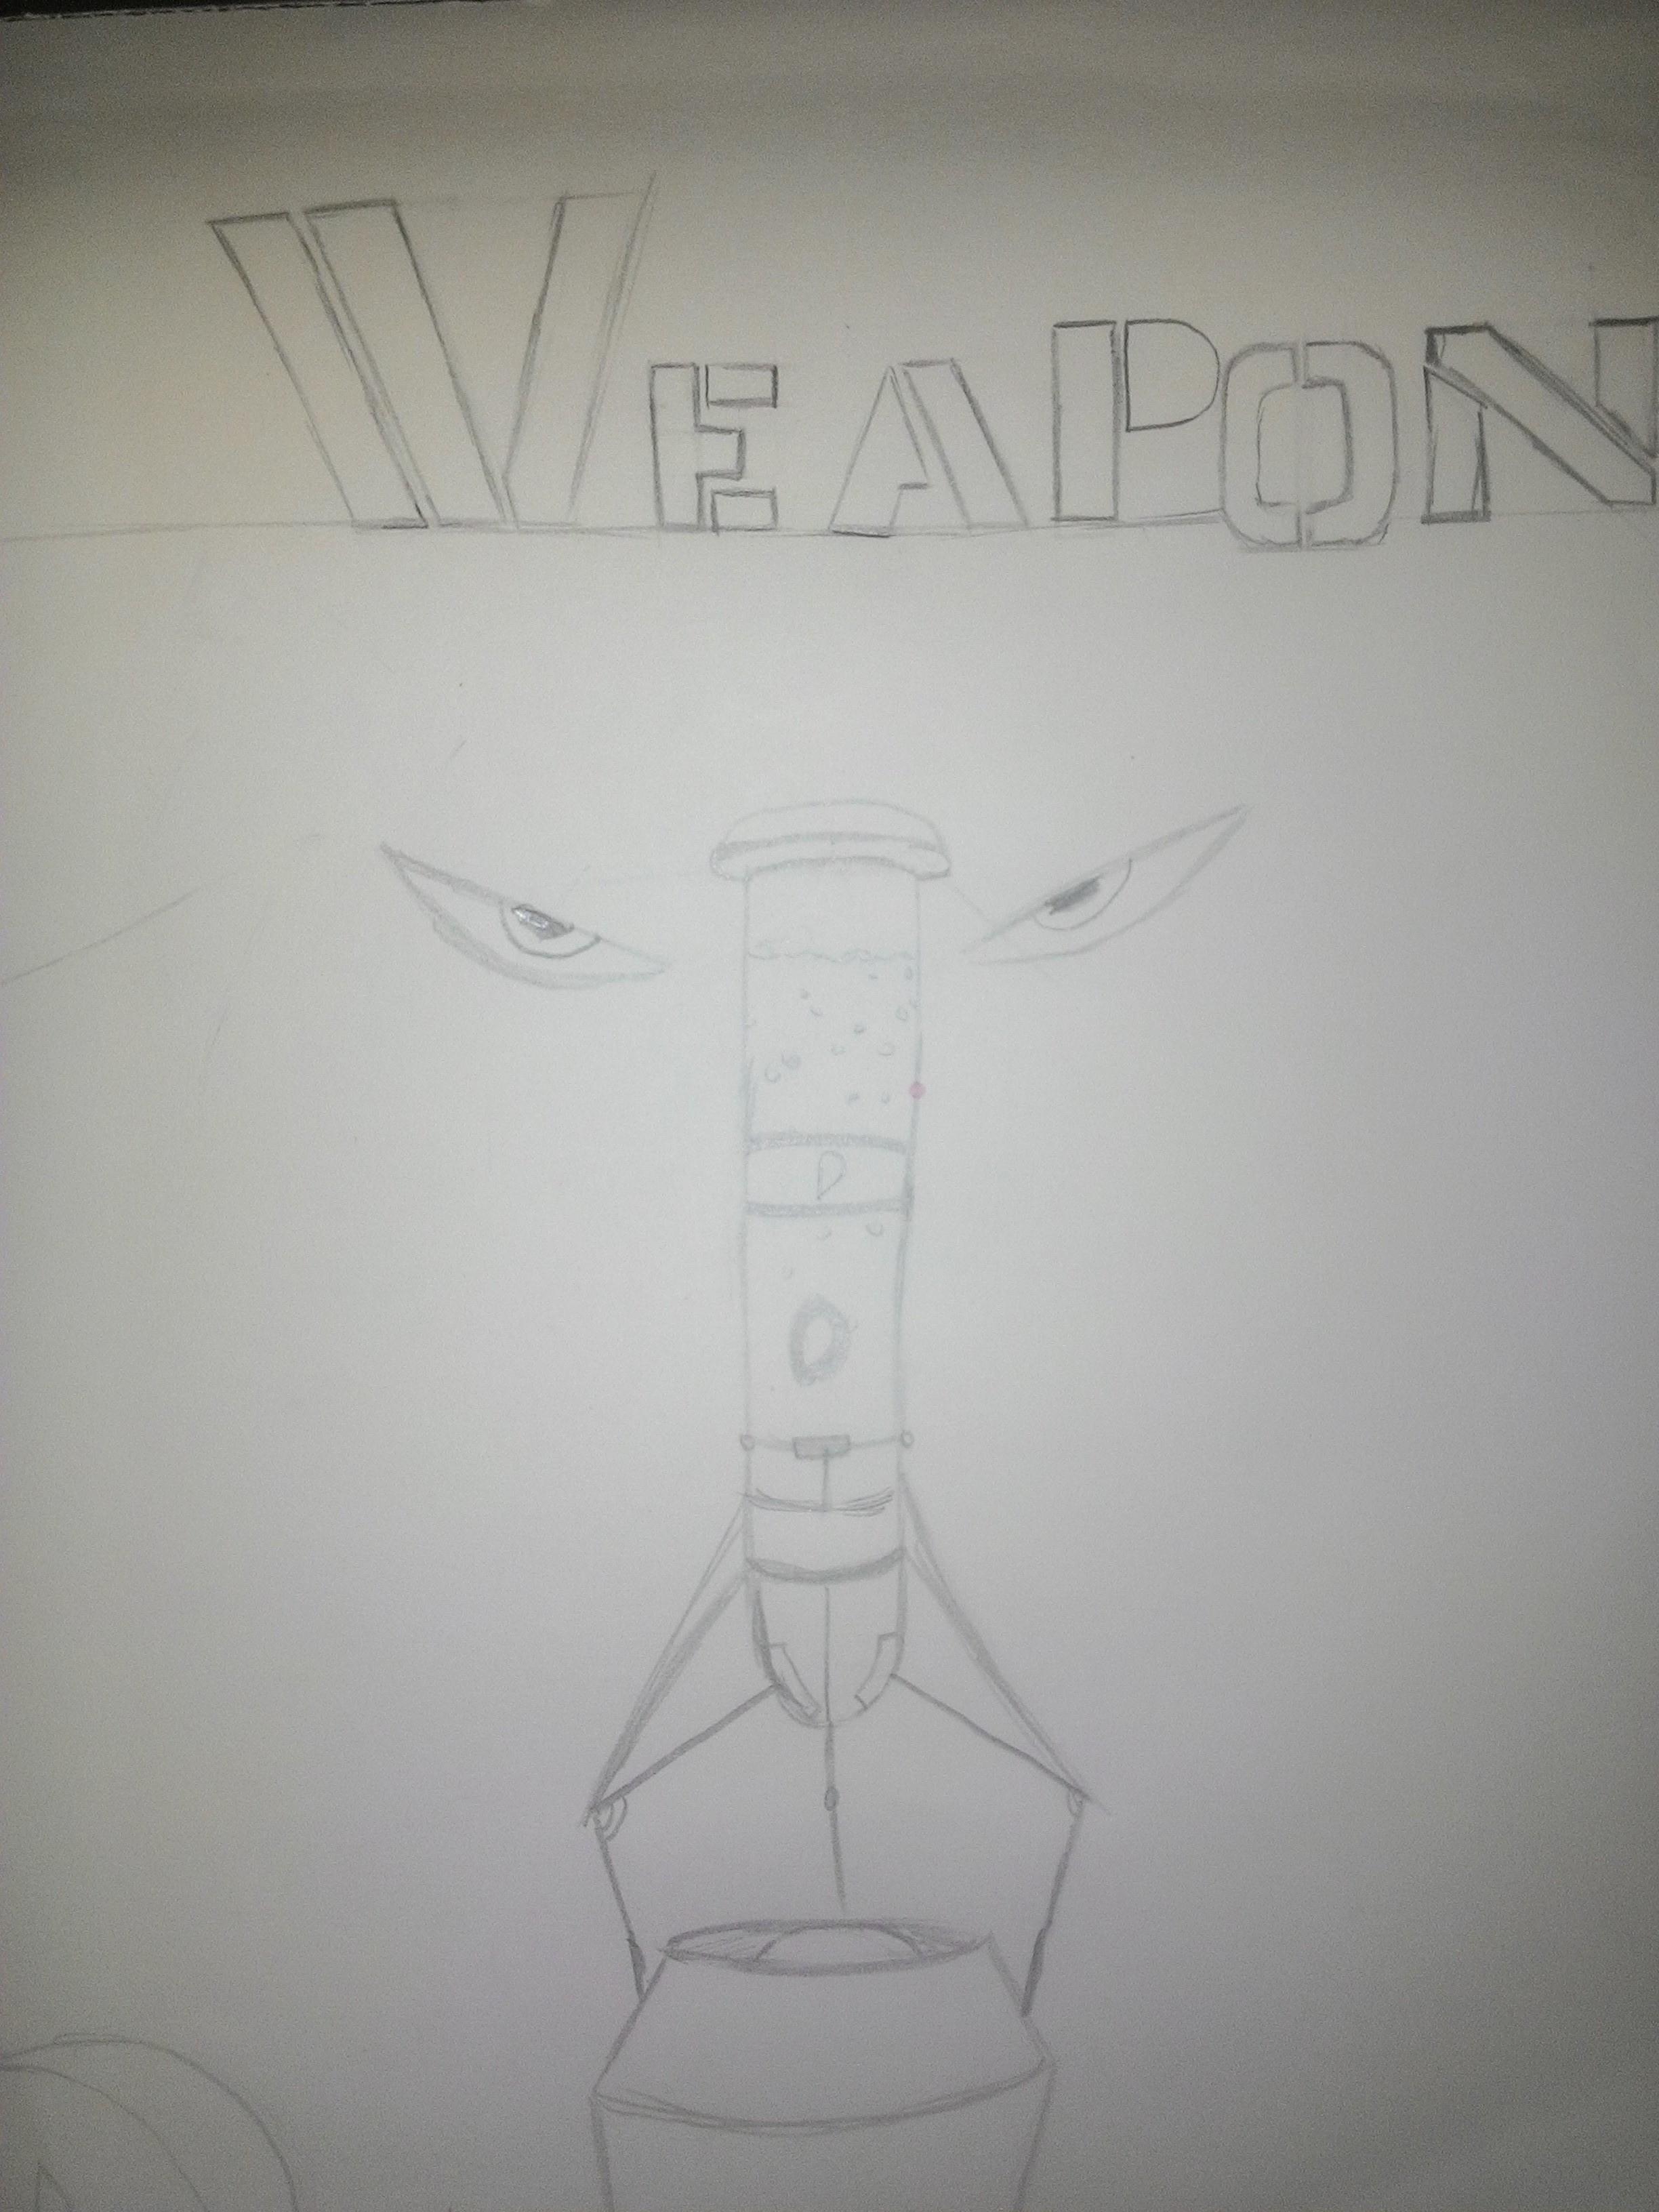 WEAPON cover 1 idea